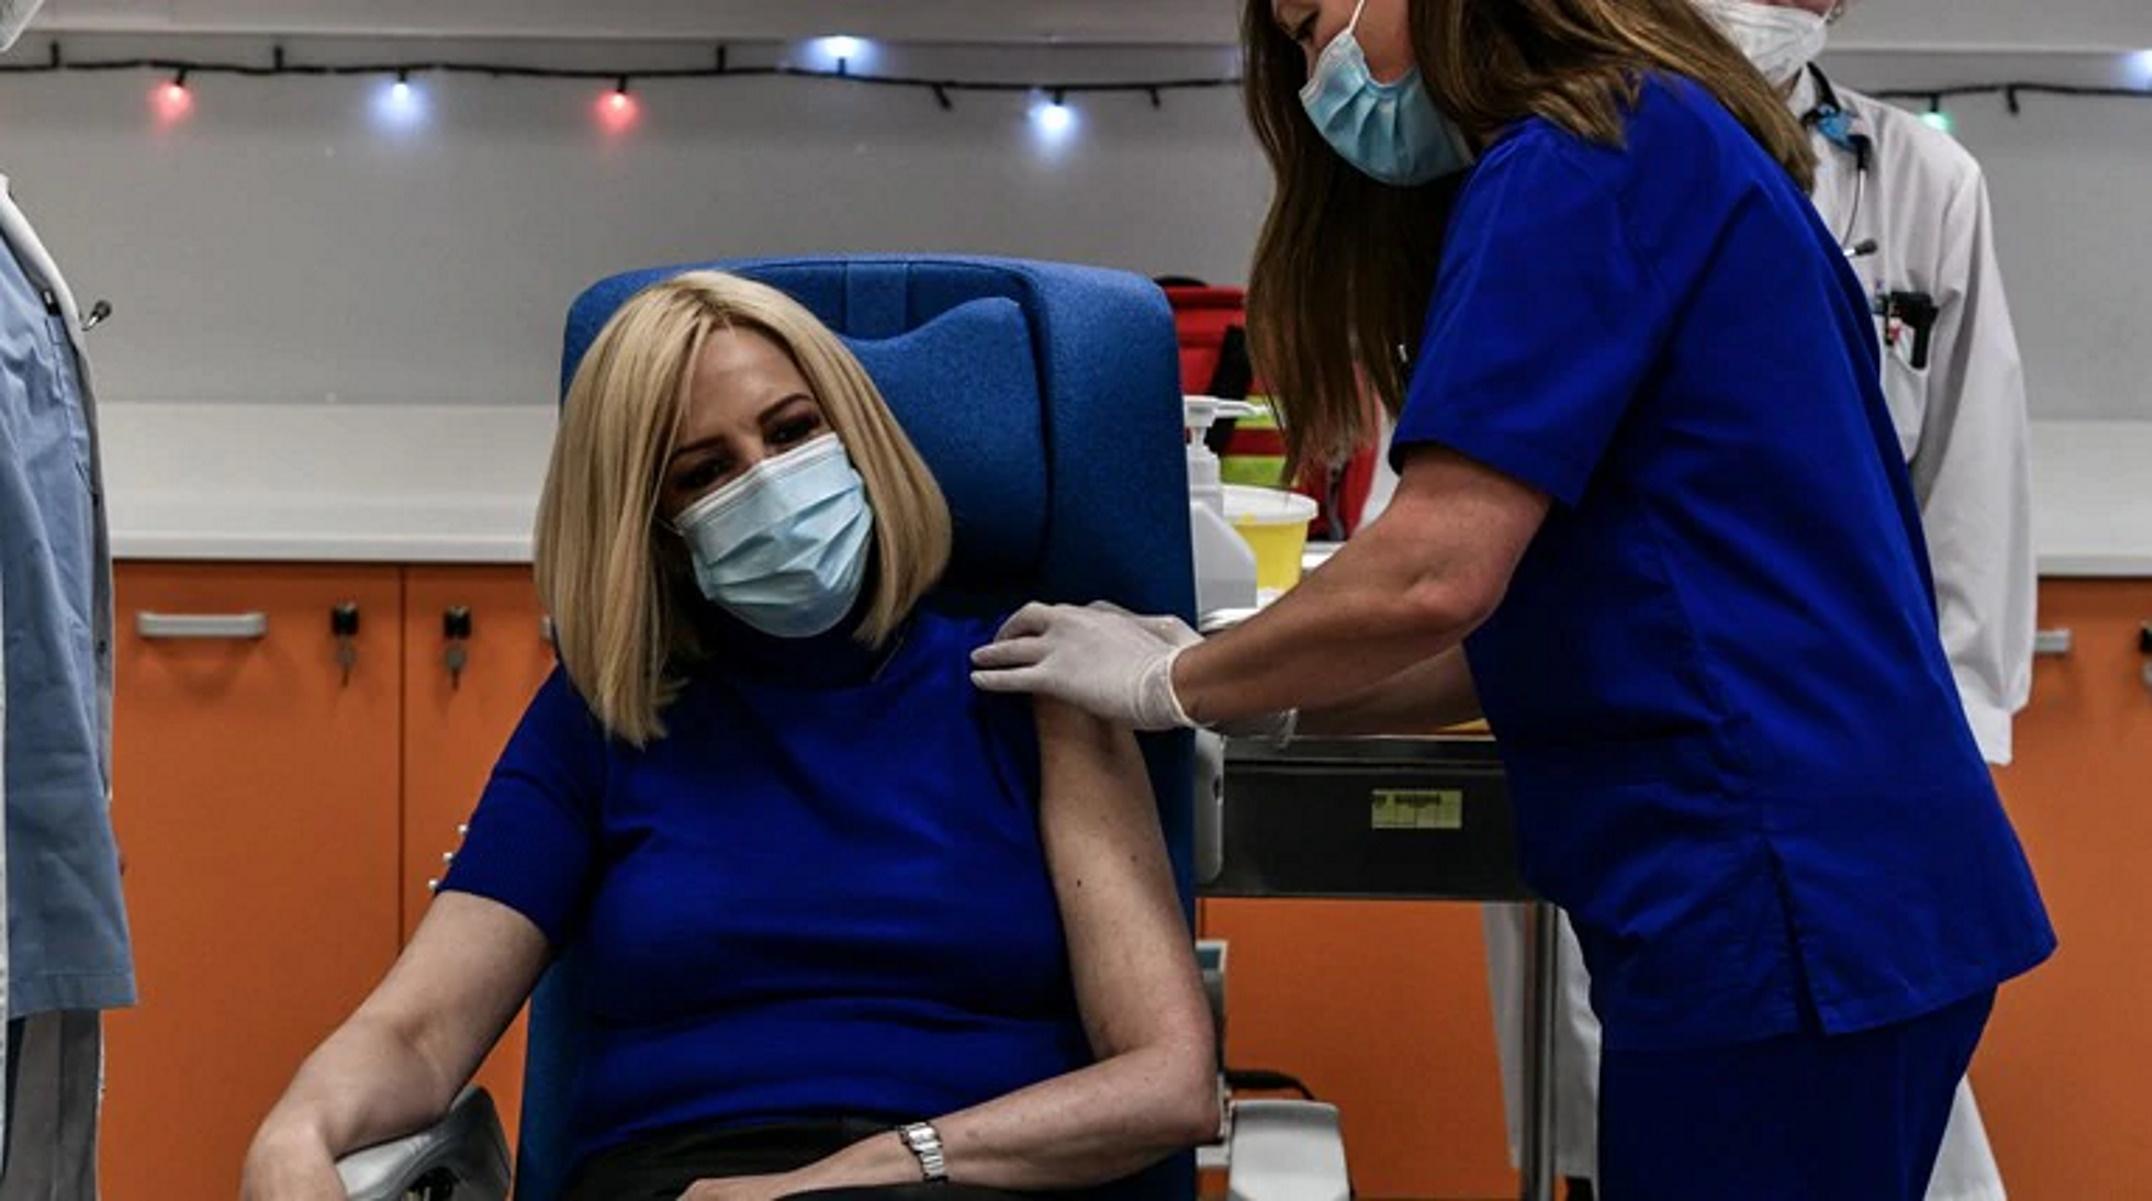 Κορονοϊός: Εμβολιάστηκε και η Φώφη Γεννηματά – «Επιστρέφει η ελπίδα»